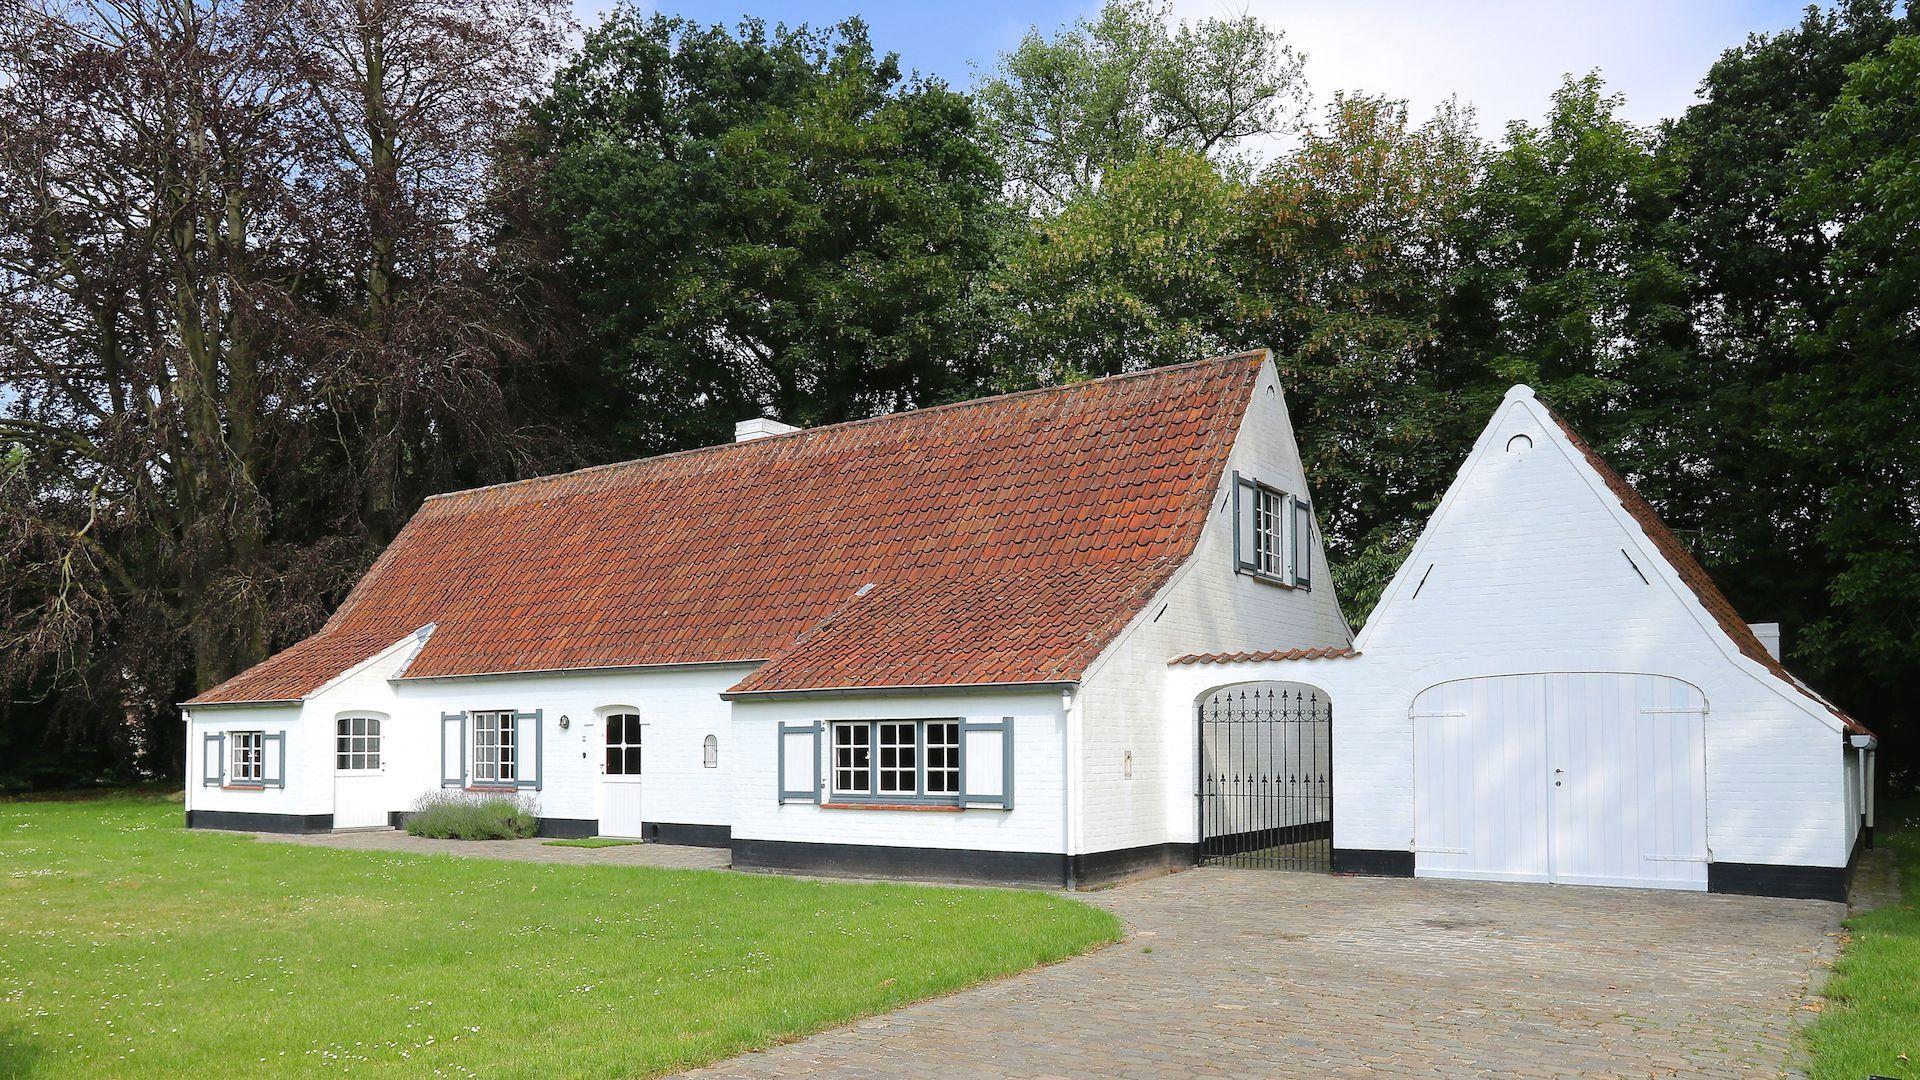 charmante  villa in landelijke stijl  – prachtig perceel van 4851 m2 – residentieel gelegen tussen Brugge en Oostende (Jabbeke)